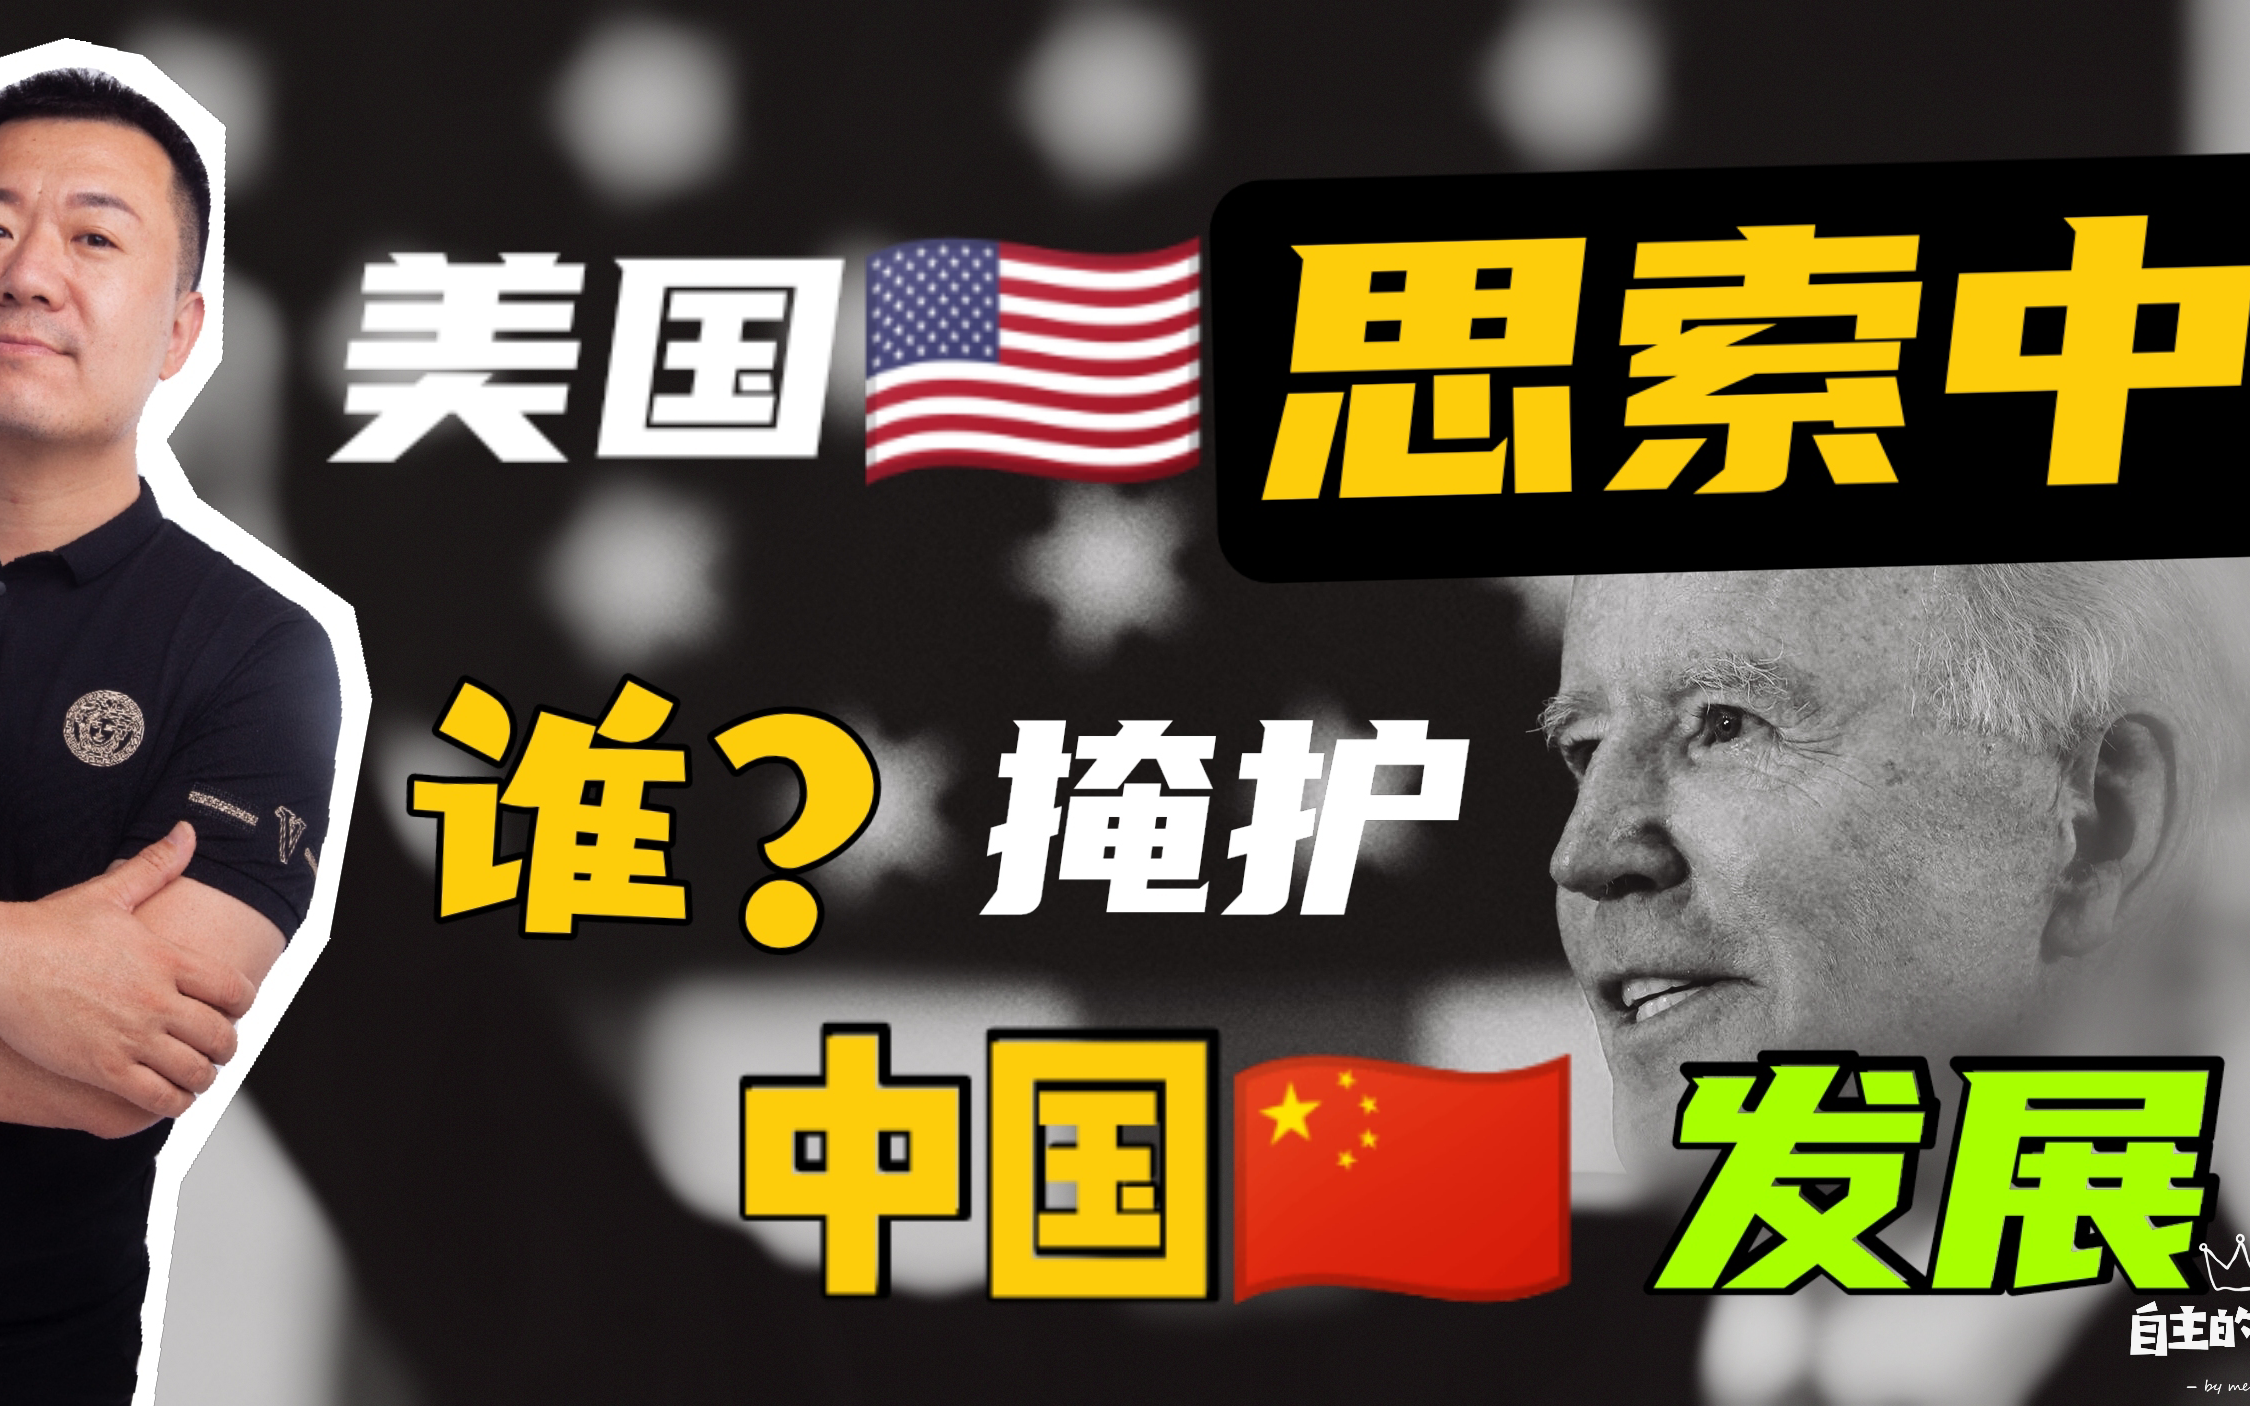 谁在掩护中国?美国动手是否有点晚了?